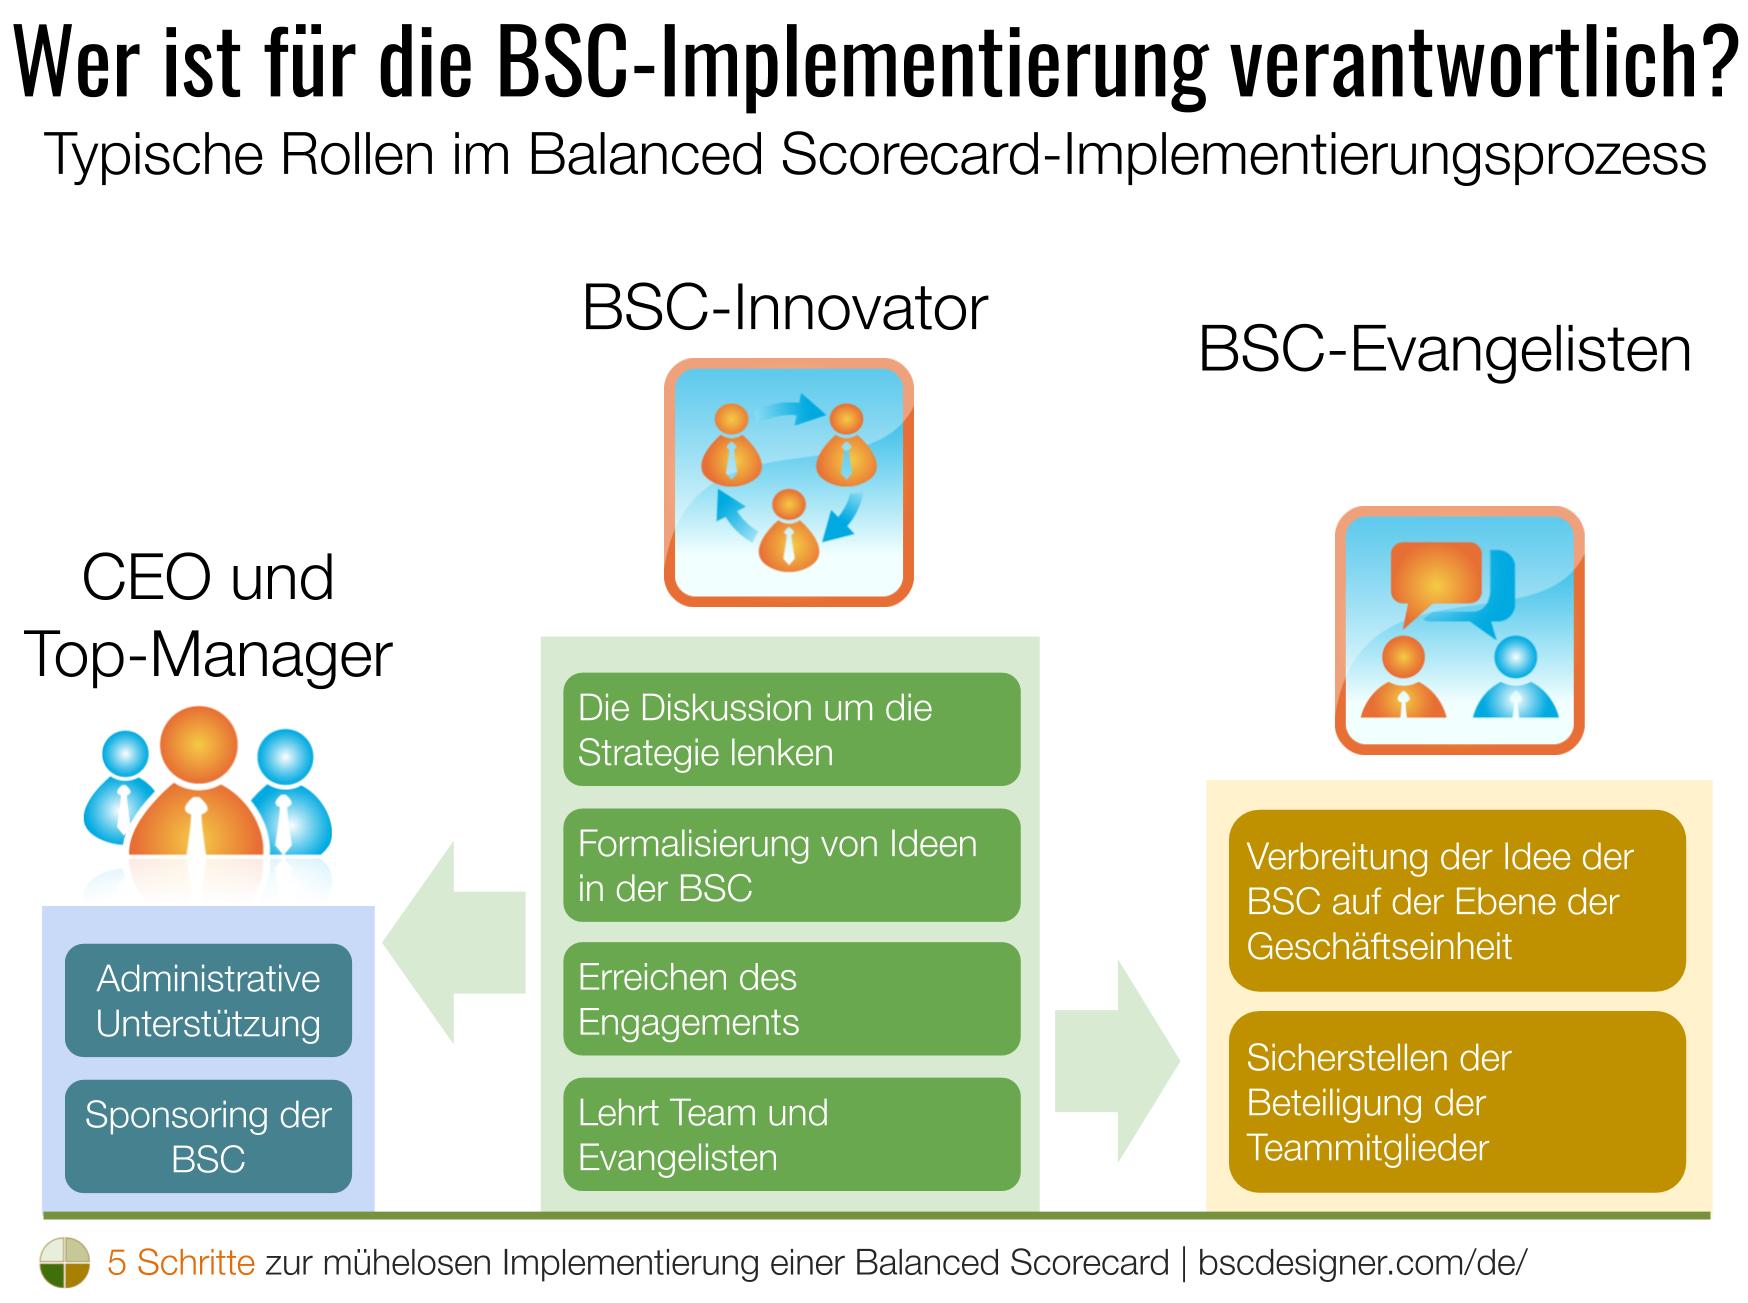 Wer ist für die BSC-Implementierung verantwortlich? Typische Rollen im Balanced Scorecard-Implementierungsprozess.